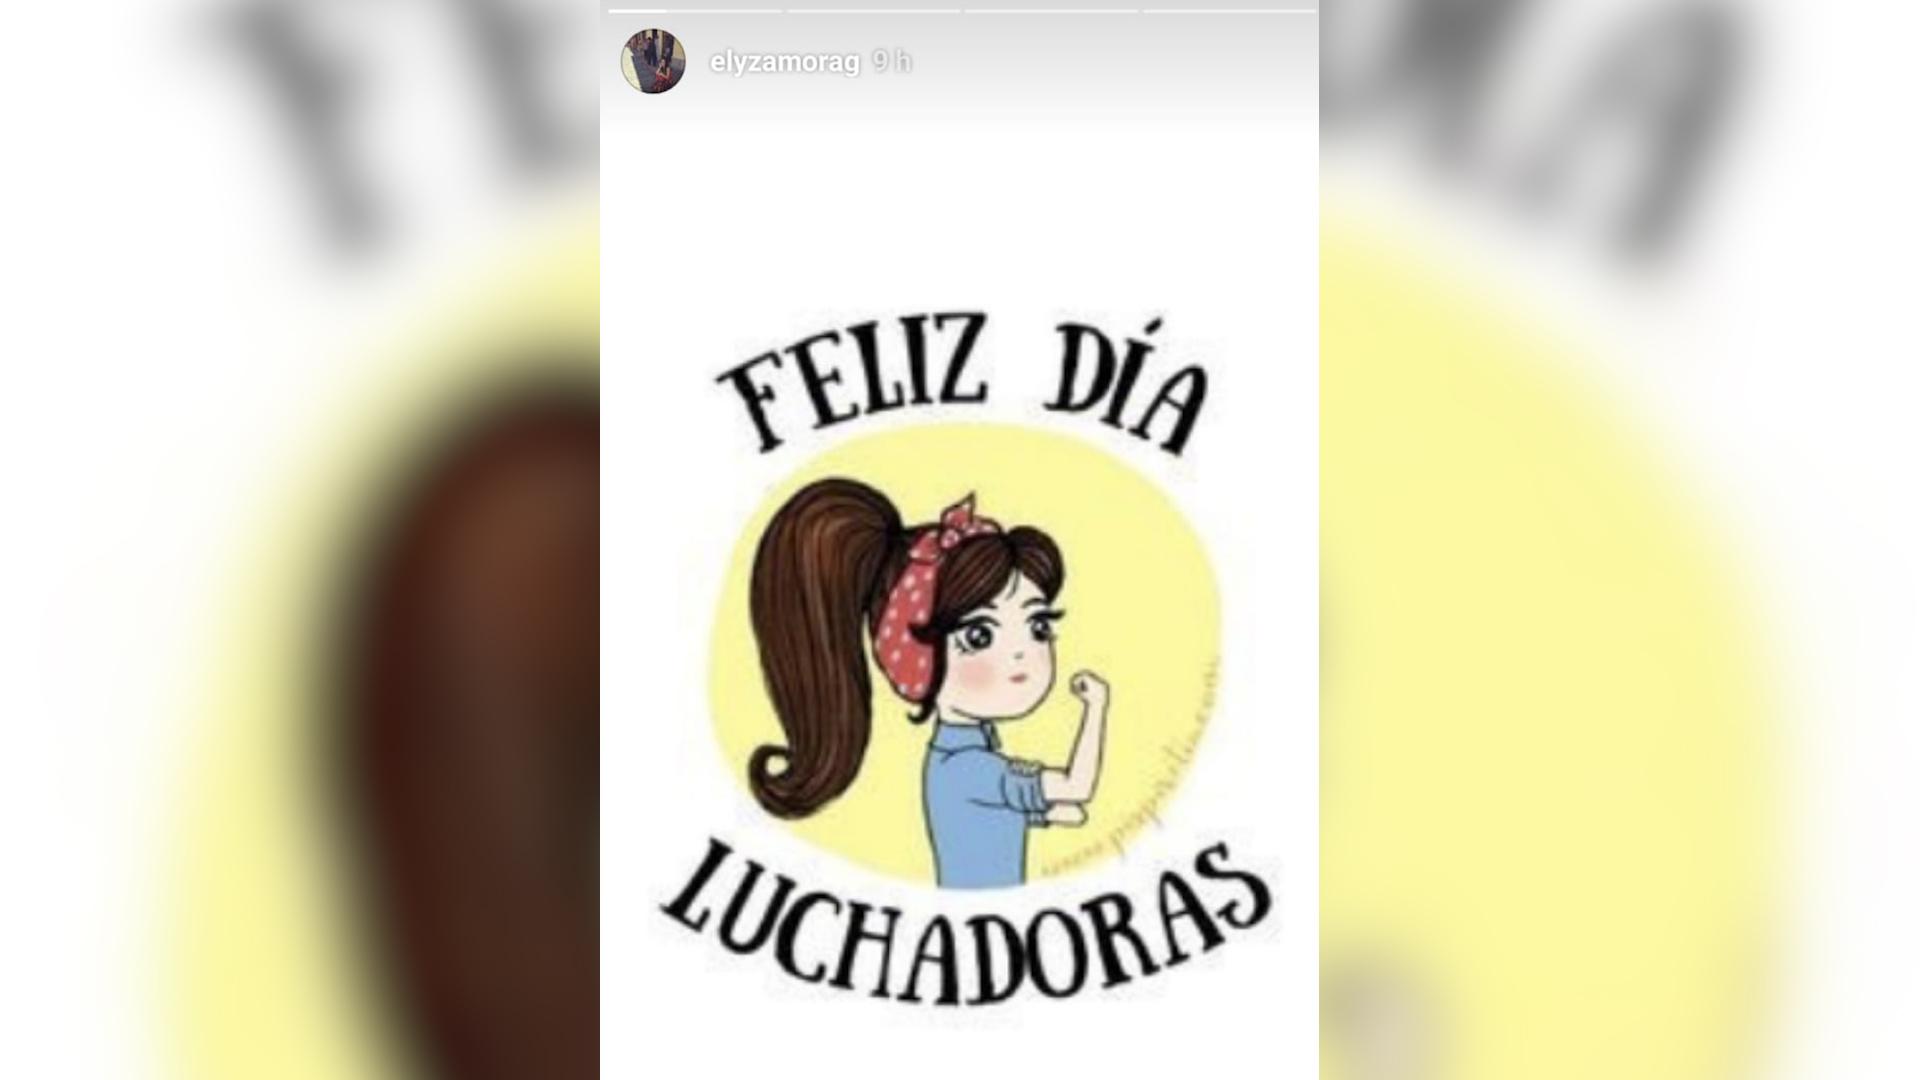 La seleccionada nacional de taekuondo, Elizabeth Zamora publicó este mensaje en su cuenta de Instagram. (Foto Prensa Libre: Elizabeth Zamora)